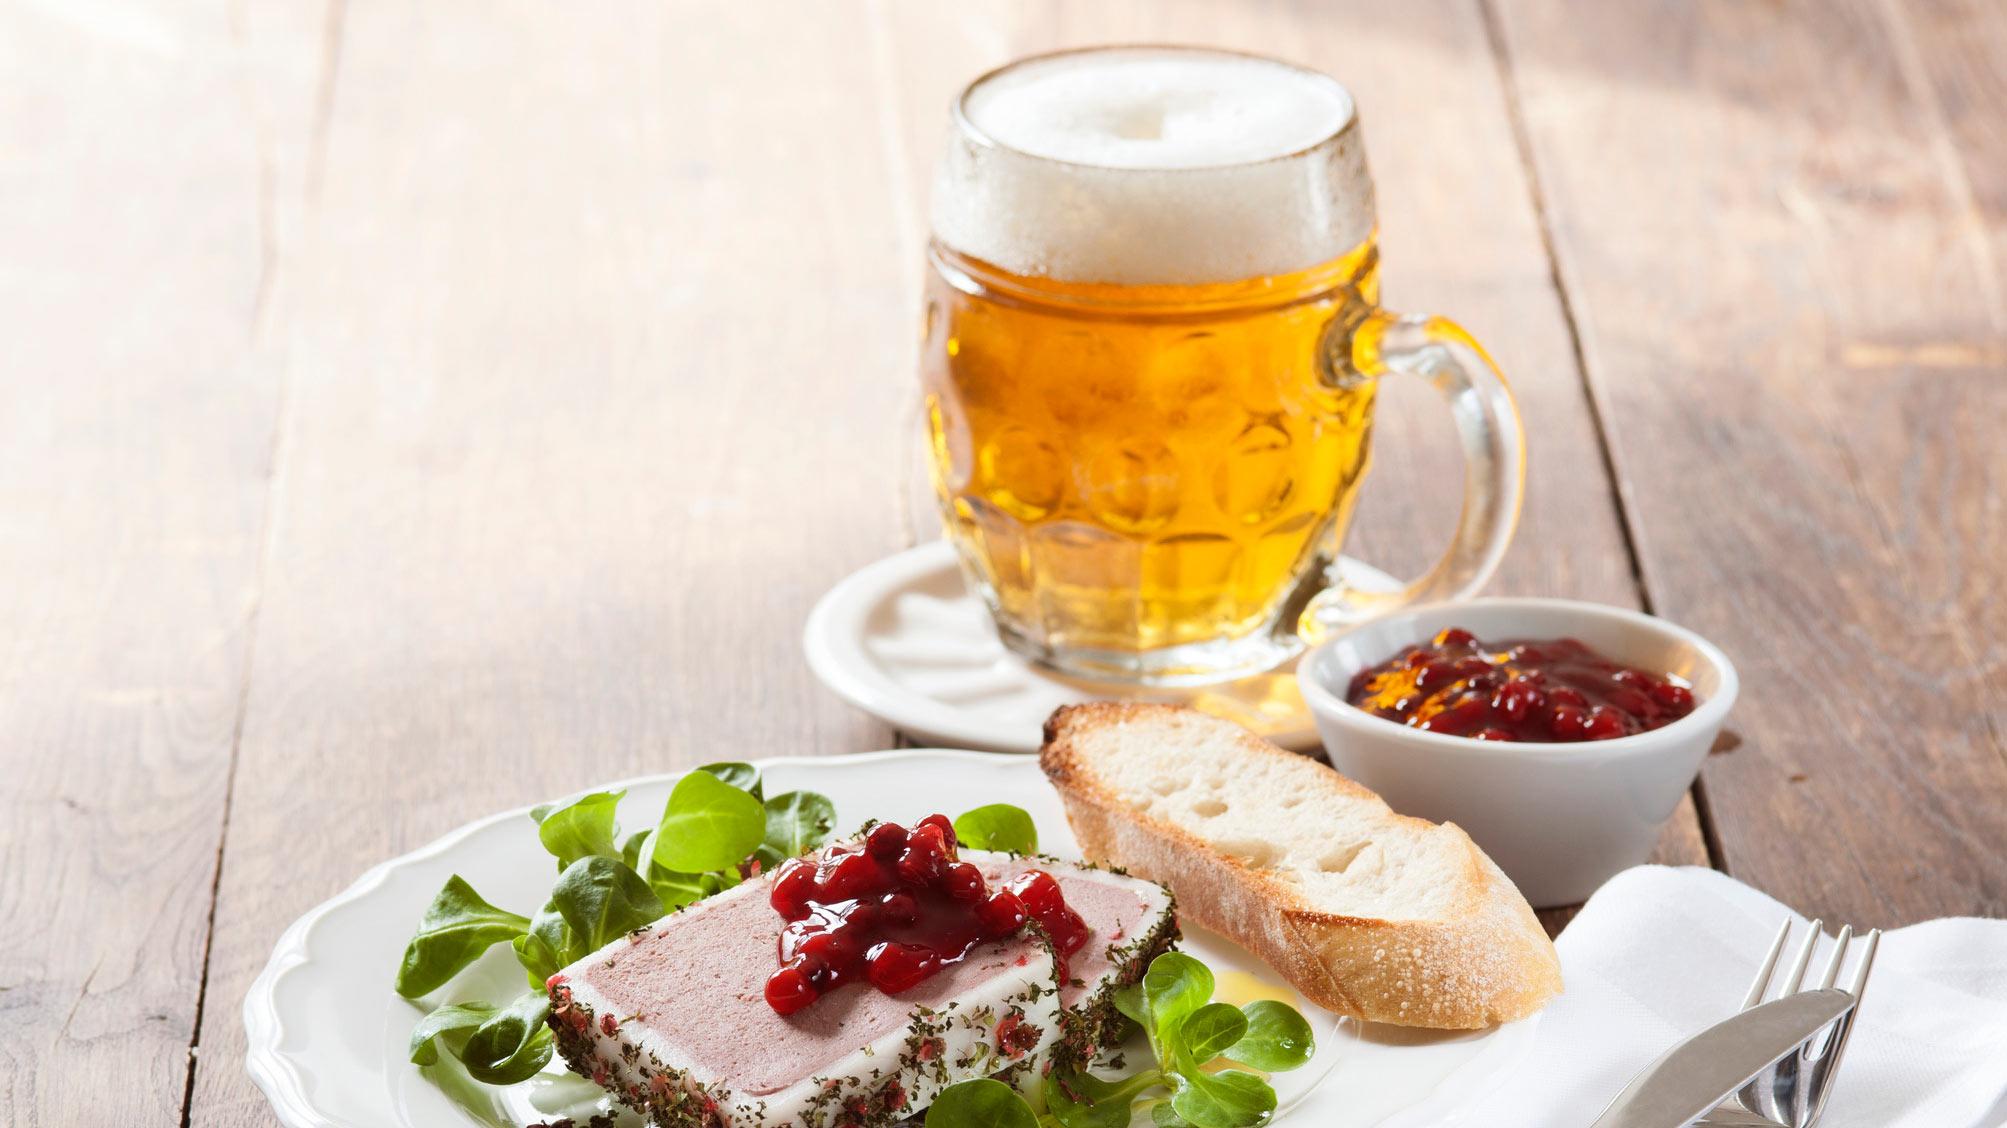 cerveza checa y aperitivo